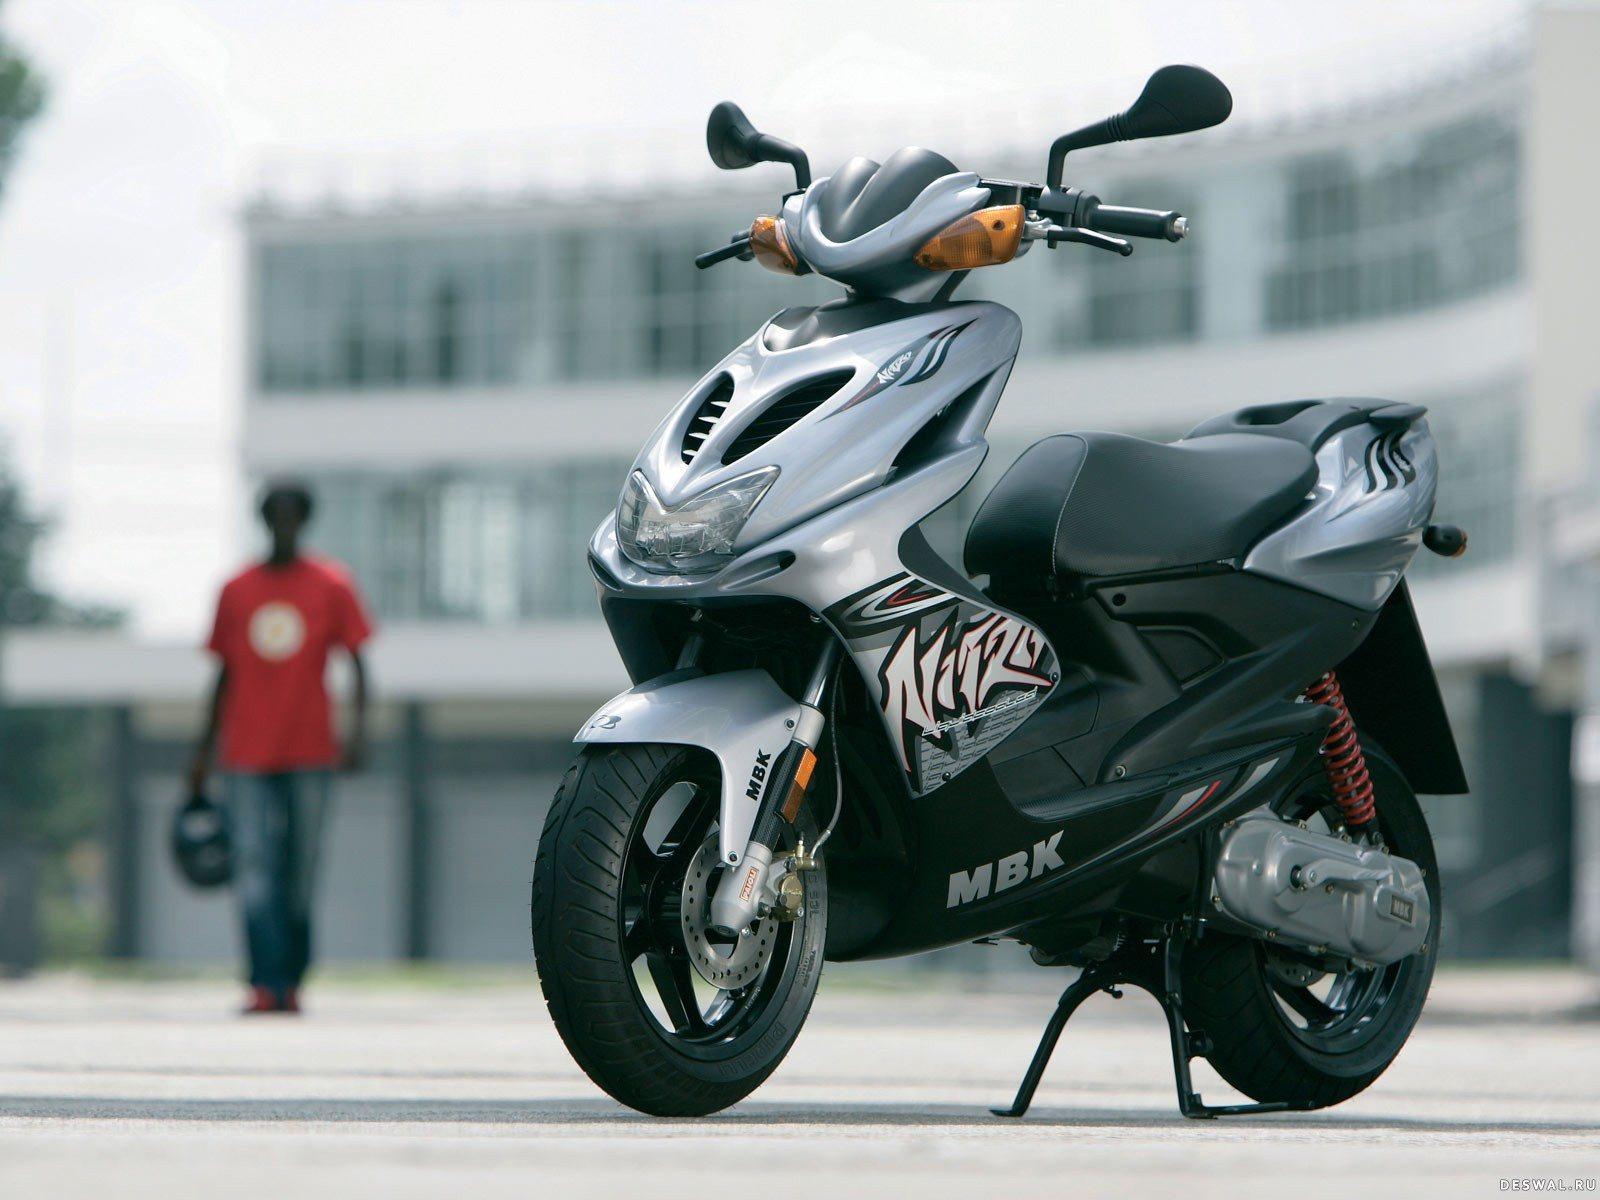 Мотоцикл МБК на хорошей обои. Нажмите на картинку с обоями мотоцикла mbk, чтобы просмотреть ее в реальном размере